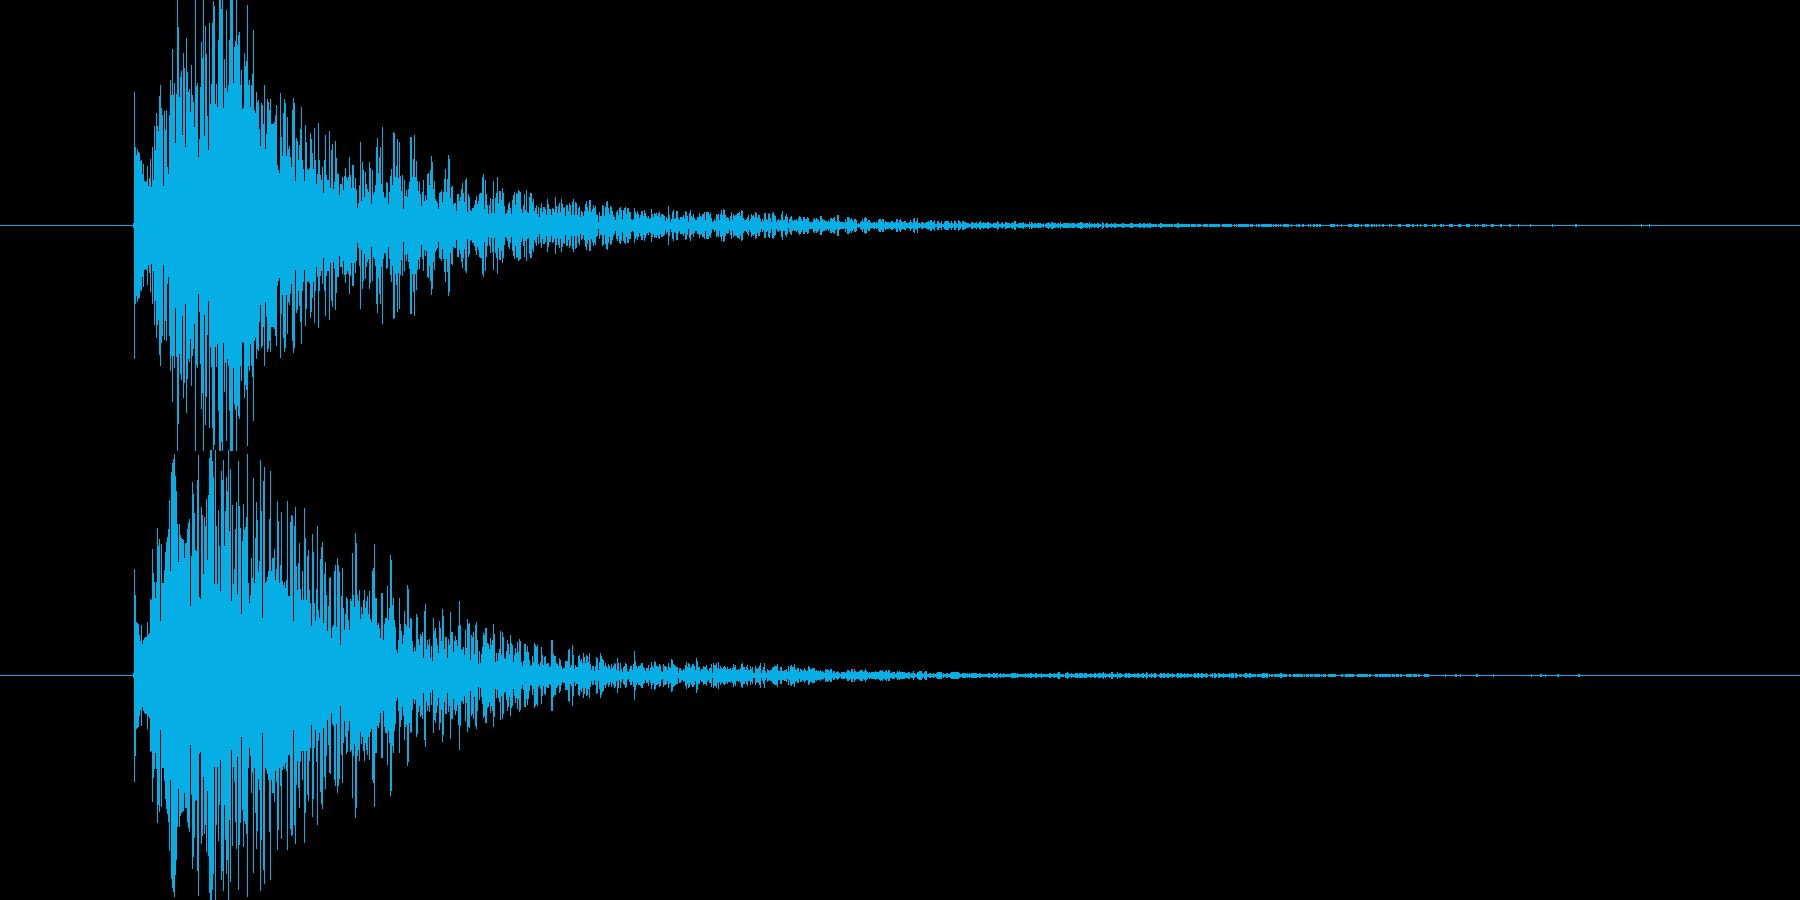 明るい雰囲気のロゴサウンドの再生済みの波形